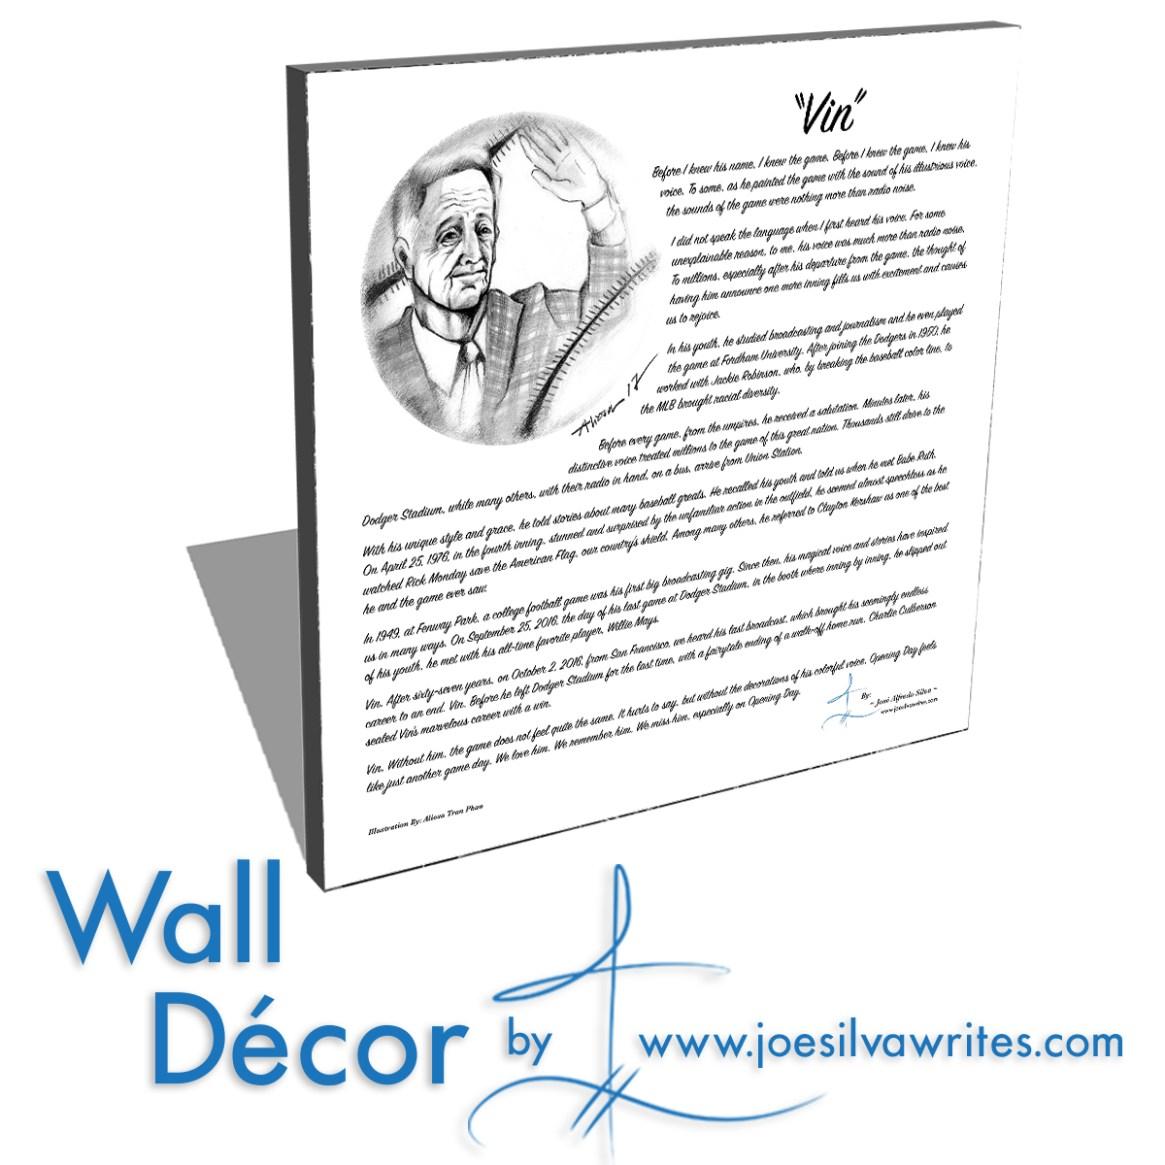 Vin_160930_CW_18x18_Thumbnail_Wall Decor